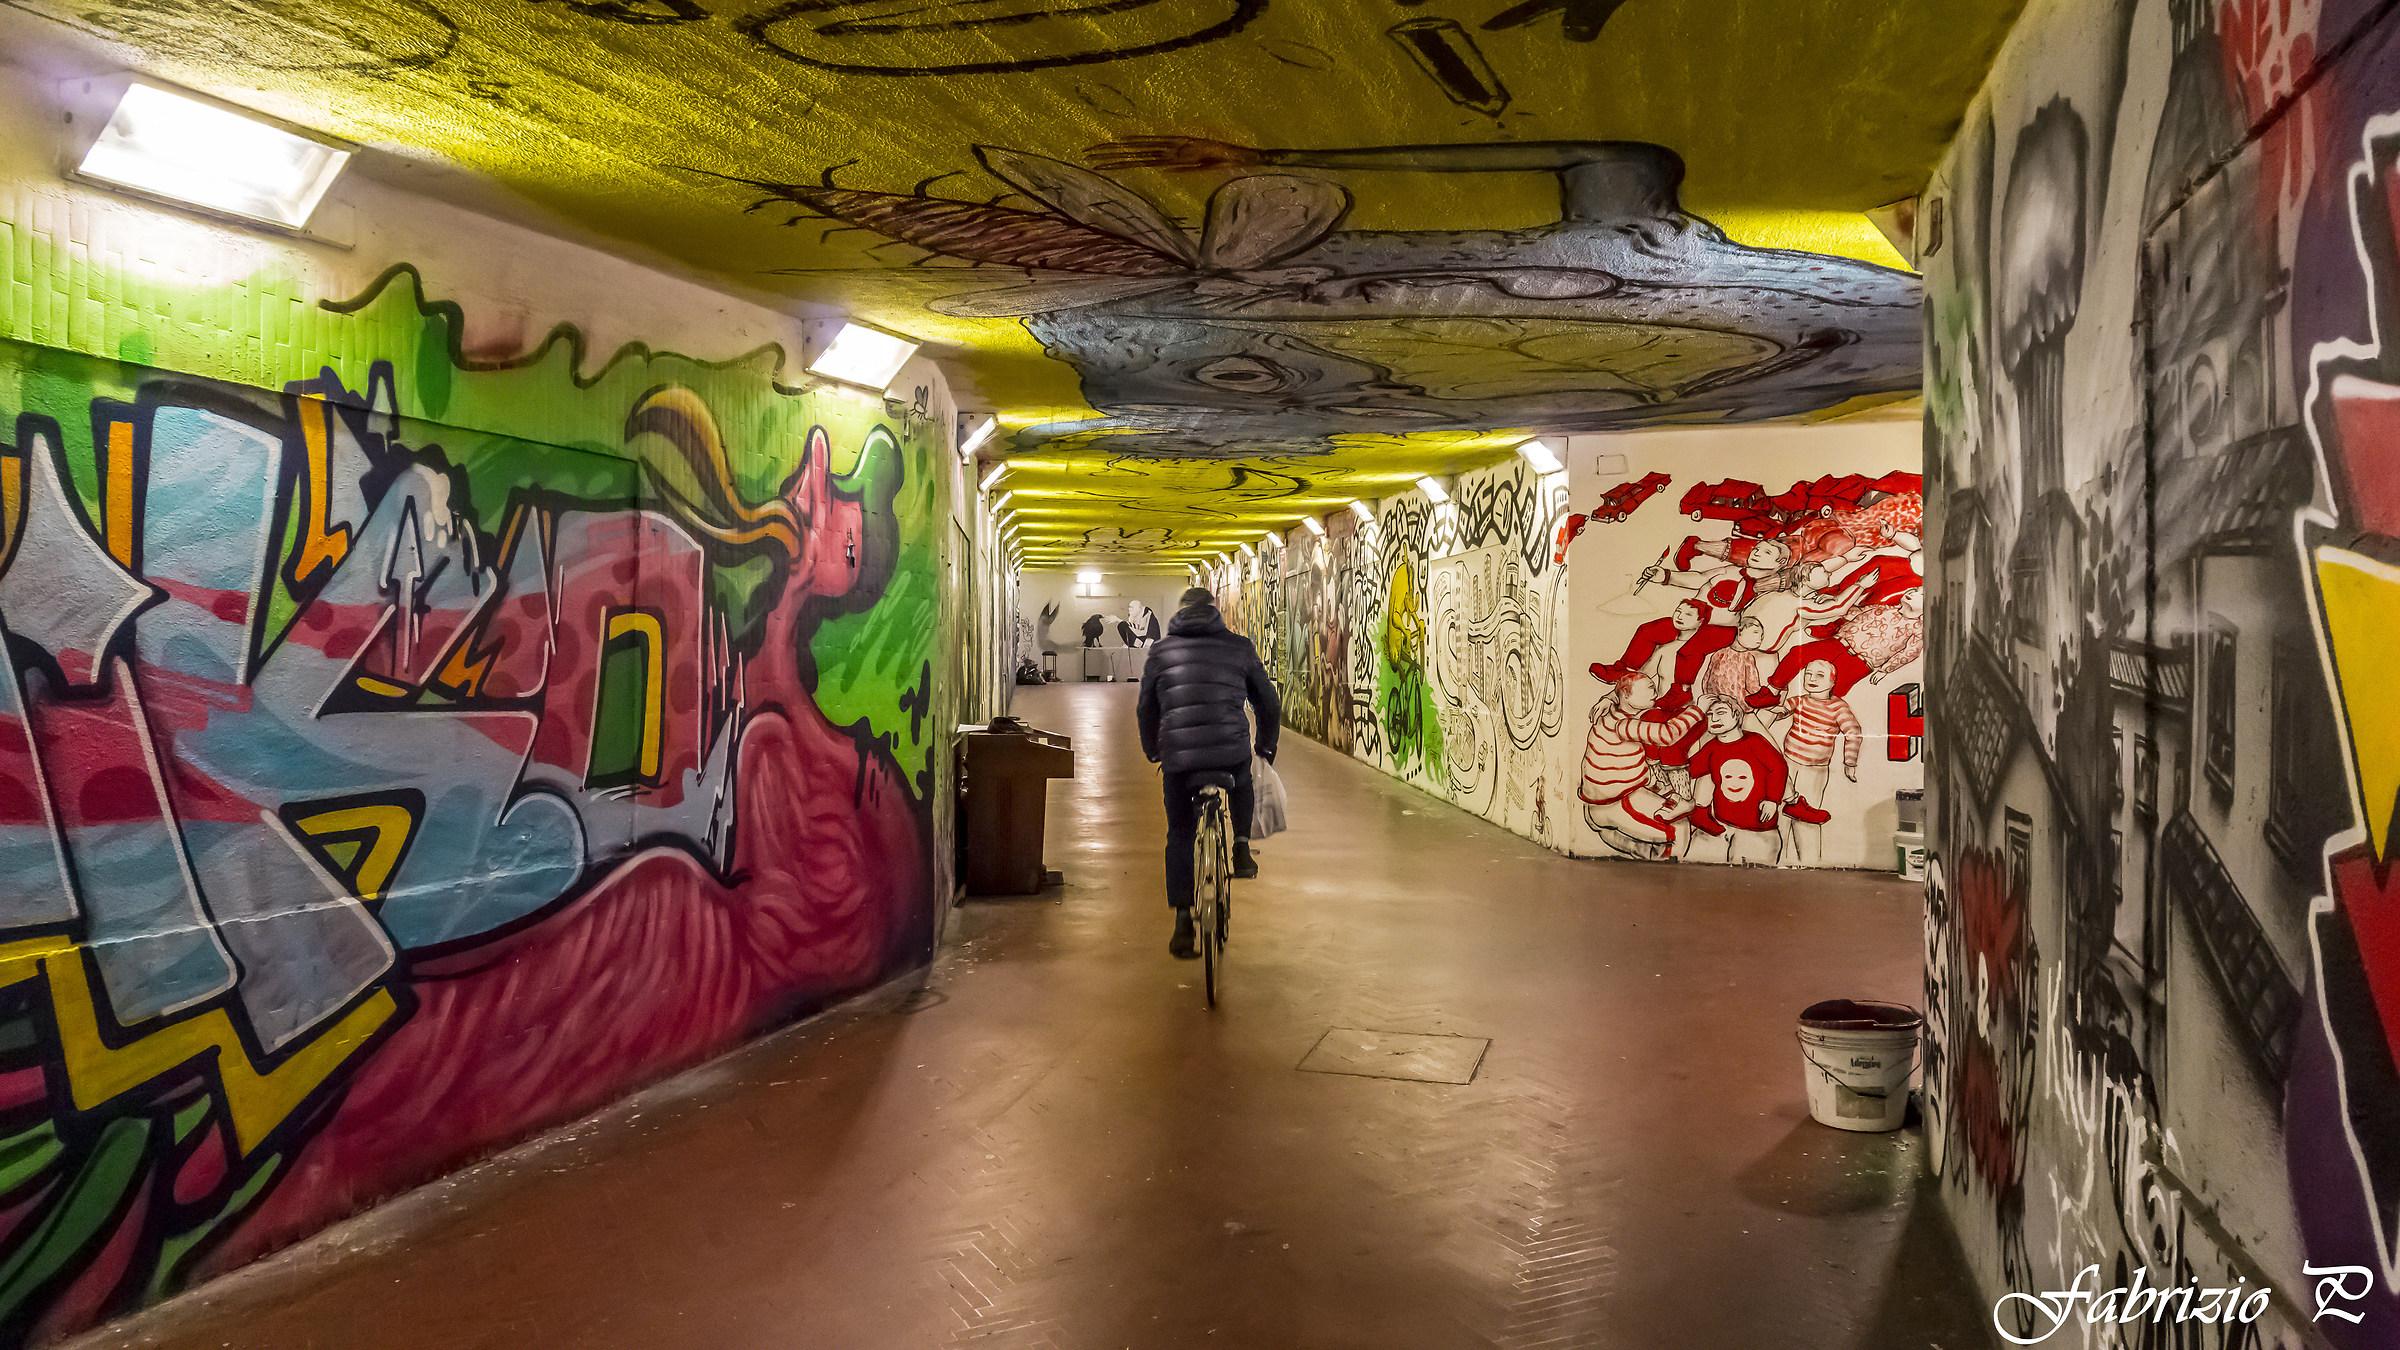 A race between the graffiti .......